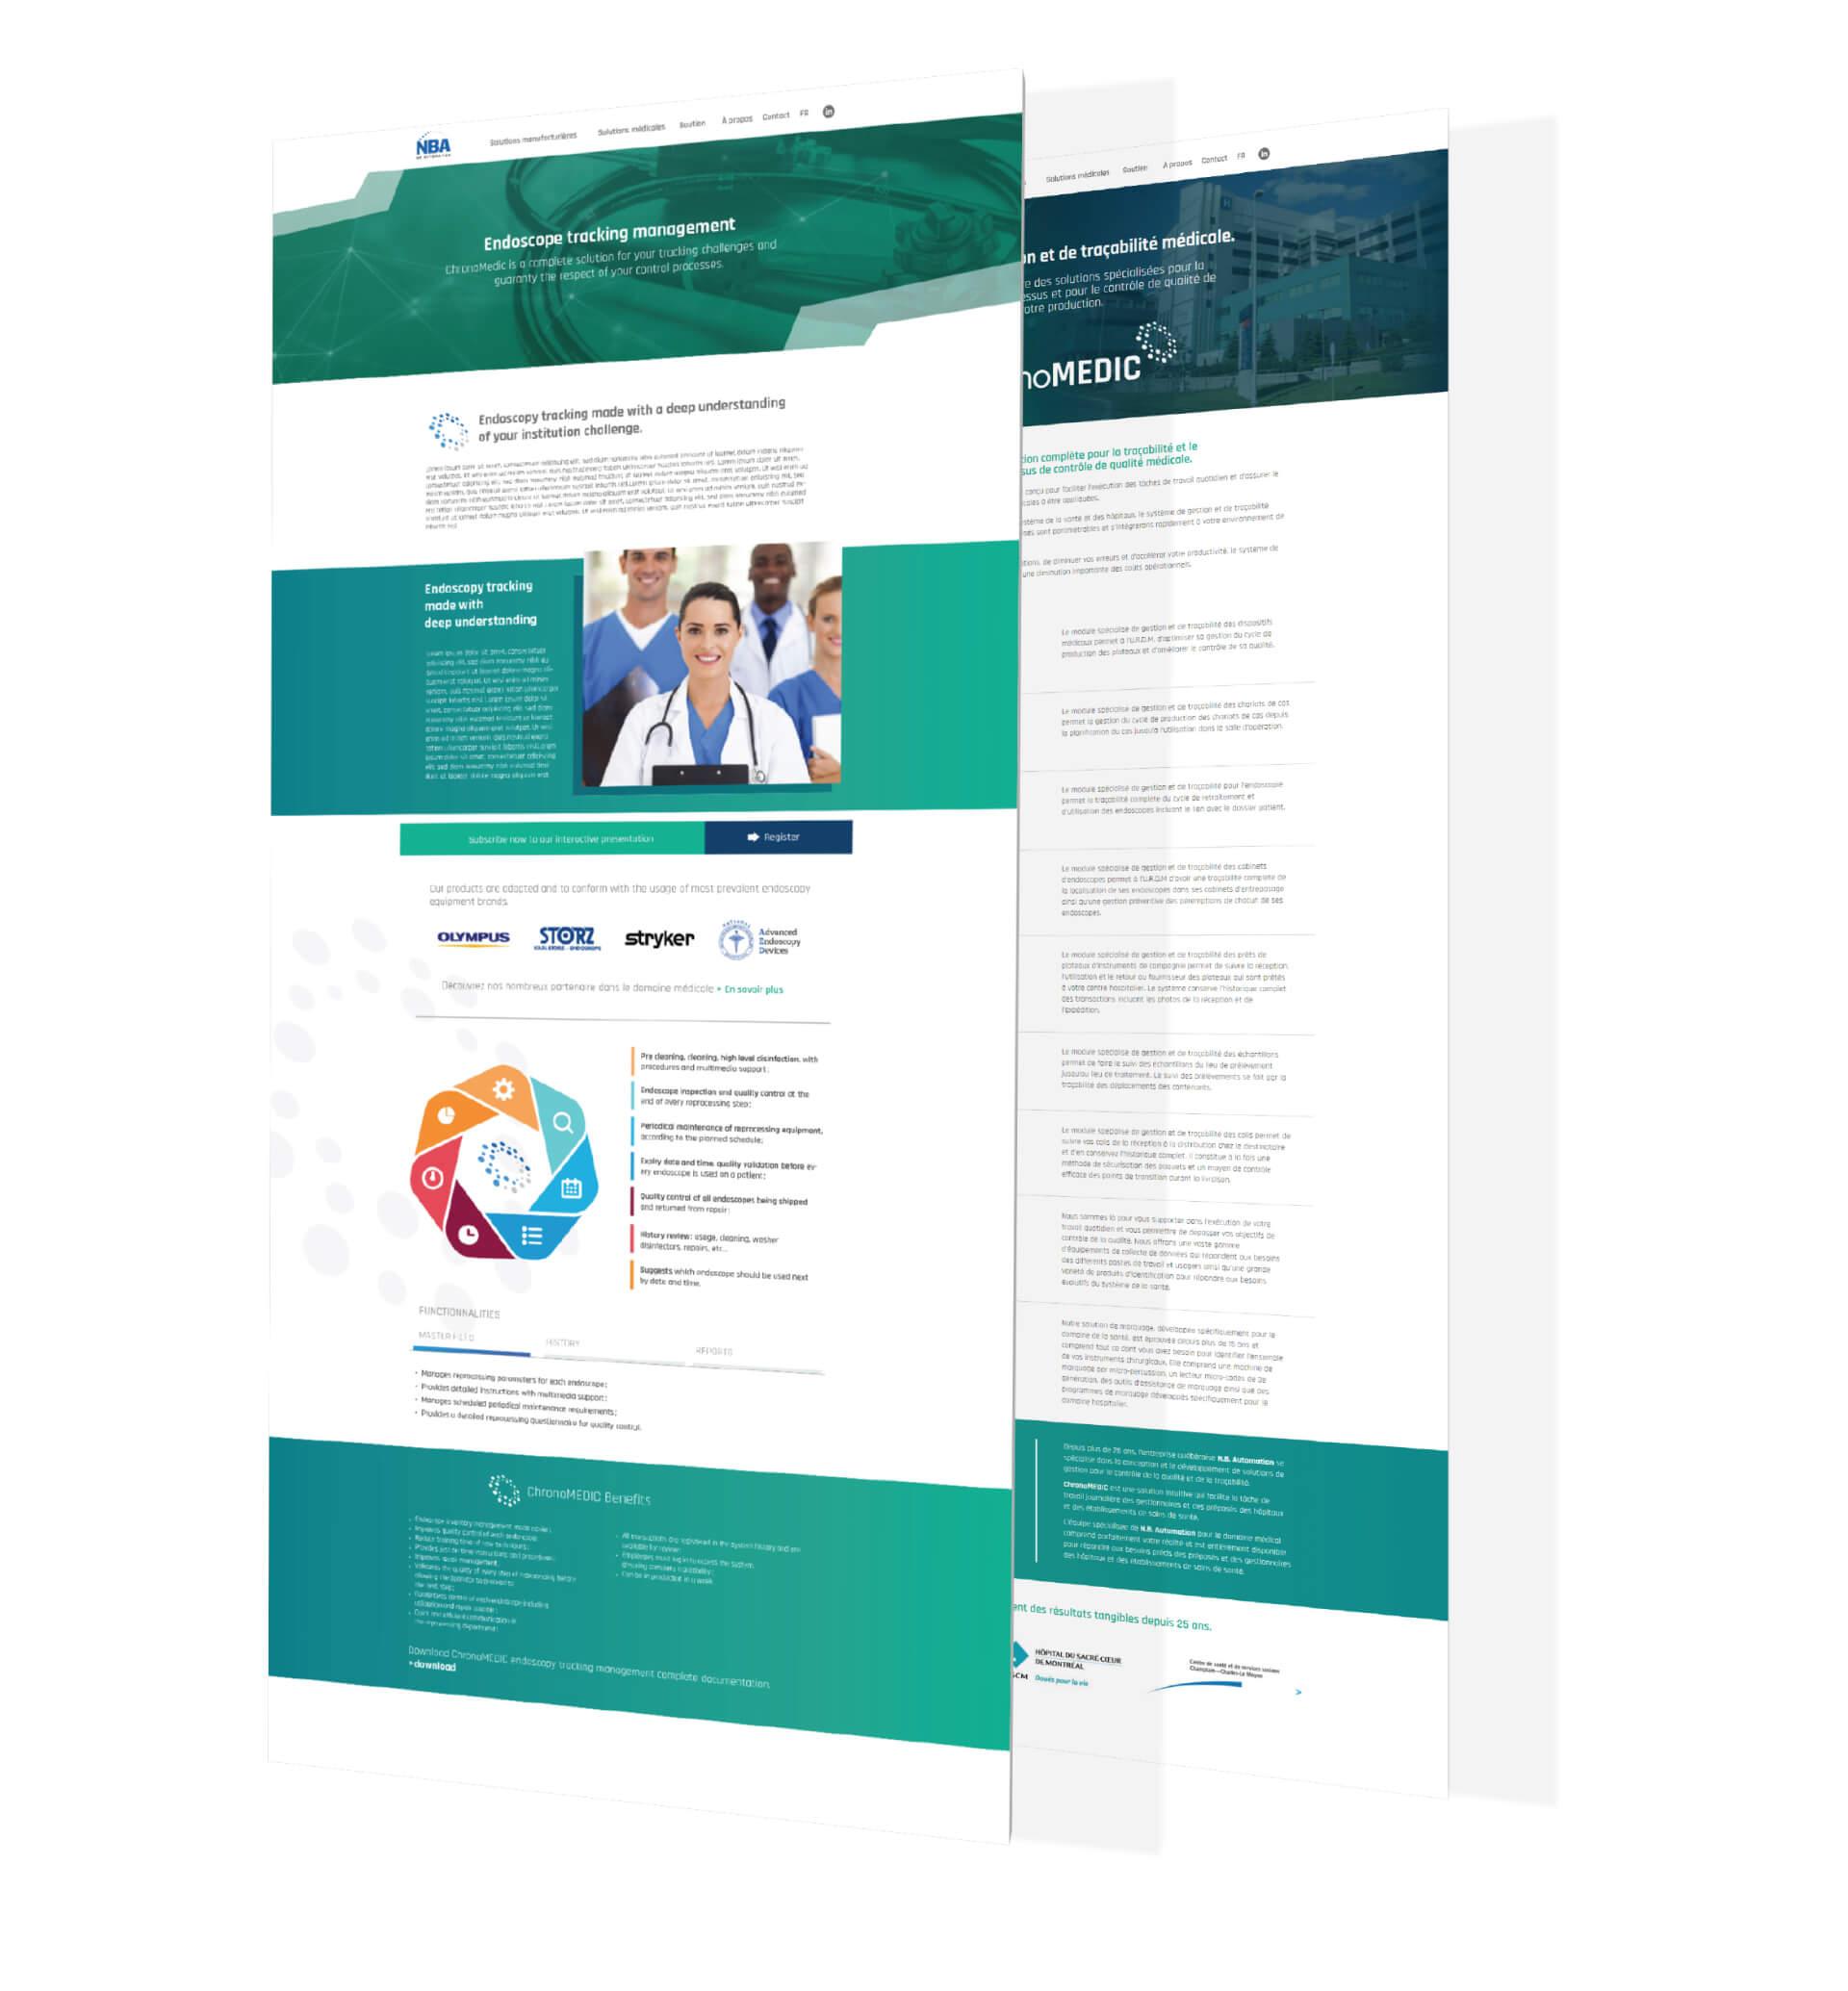 site web nbautomation